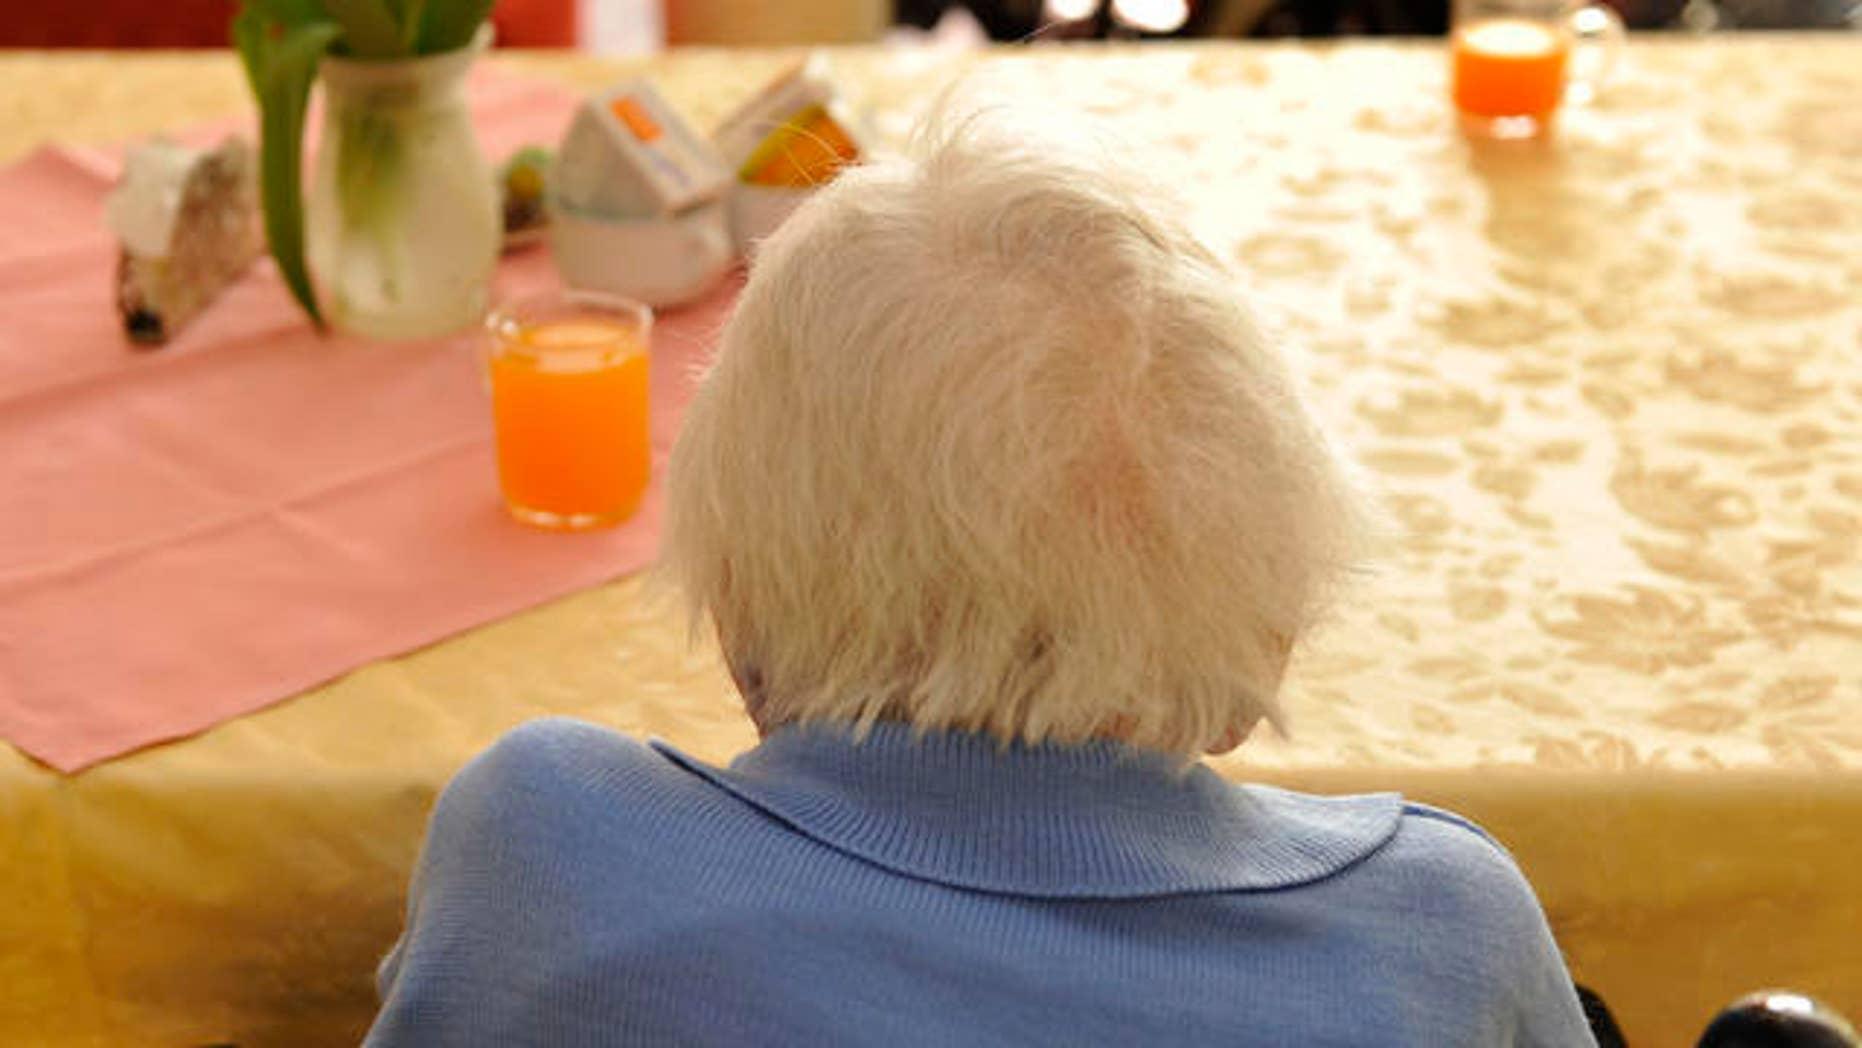 Eine aeltere Heimbewohnerin sitzt am Montag, 20. April 2009, im Pflegeheim in Pulsnitz in einem Aufethaltsraum. In der privaten Pflegeeinrichtung noerdlich von Dresden wohnen derzeit 128 Senioren im Alter von 65 bis 99 Jahren und werden hier rund um die Uhr betreut und versorgt. (AP Photo/Matthias Rietschel)An elderly patient sits on a table in a lounge in a nursing home in Pulsnitz, eastern Germany, Monday, April 20, 2009. (AP Photo/Matthias Rietschel)